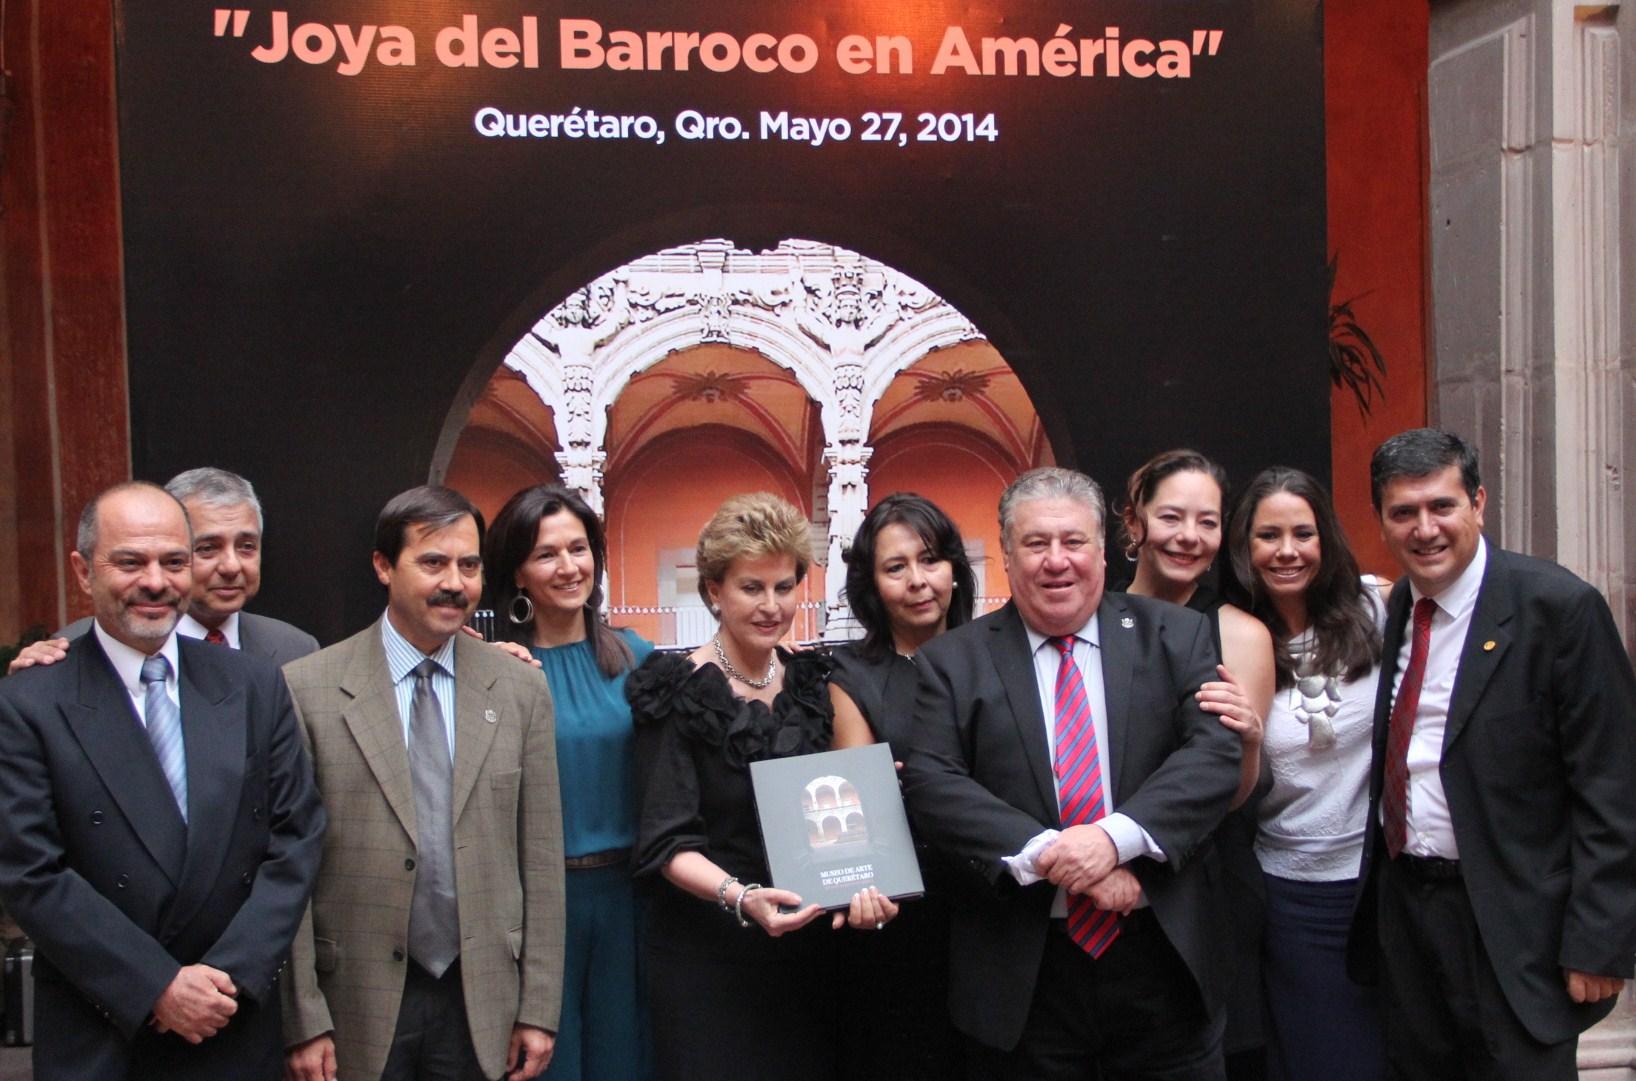 Se lleva a cabo la presentación del libro Museo de Arte de Querétaro, Joya del Barroco en América